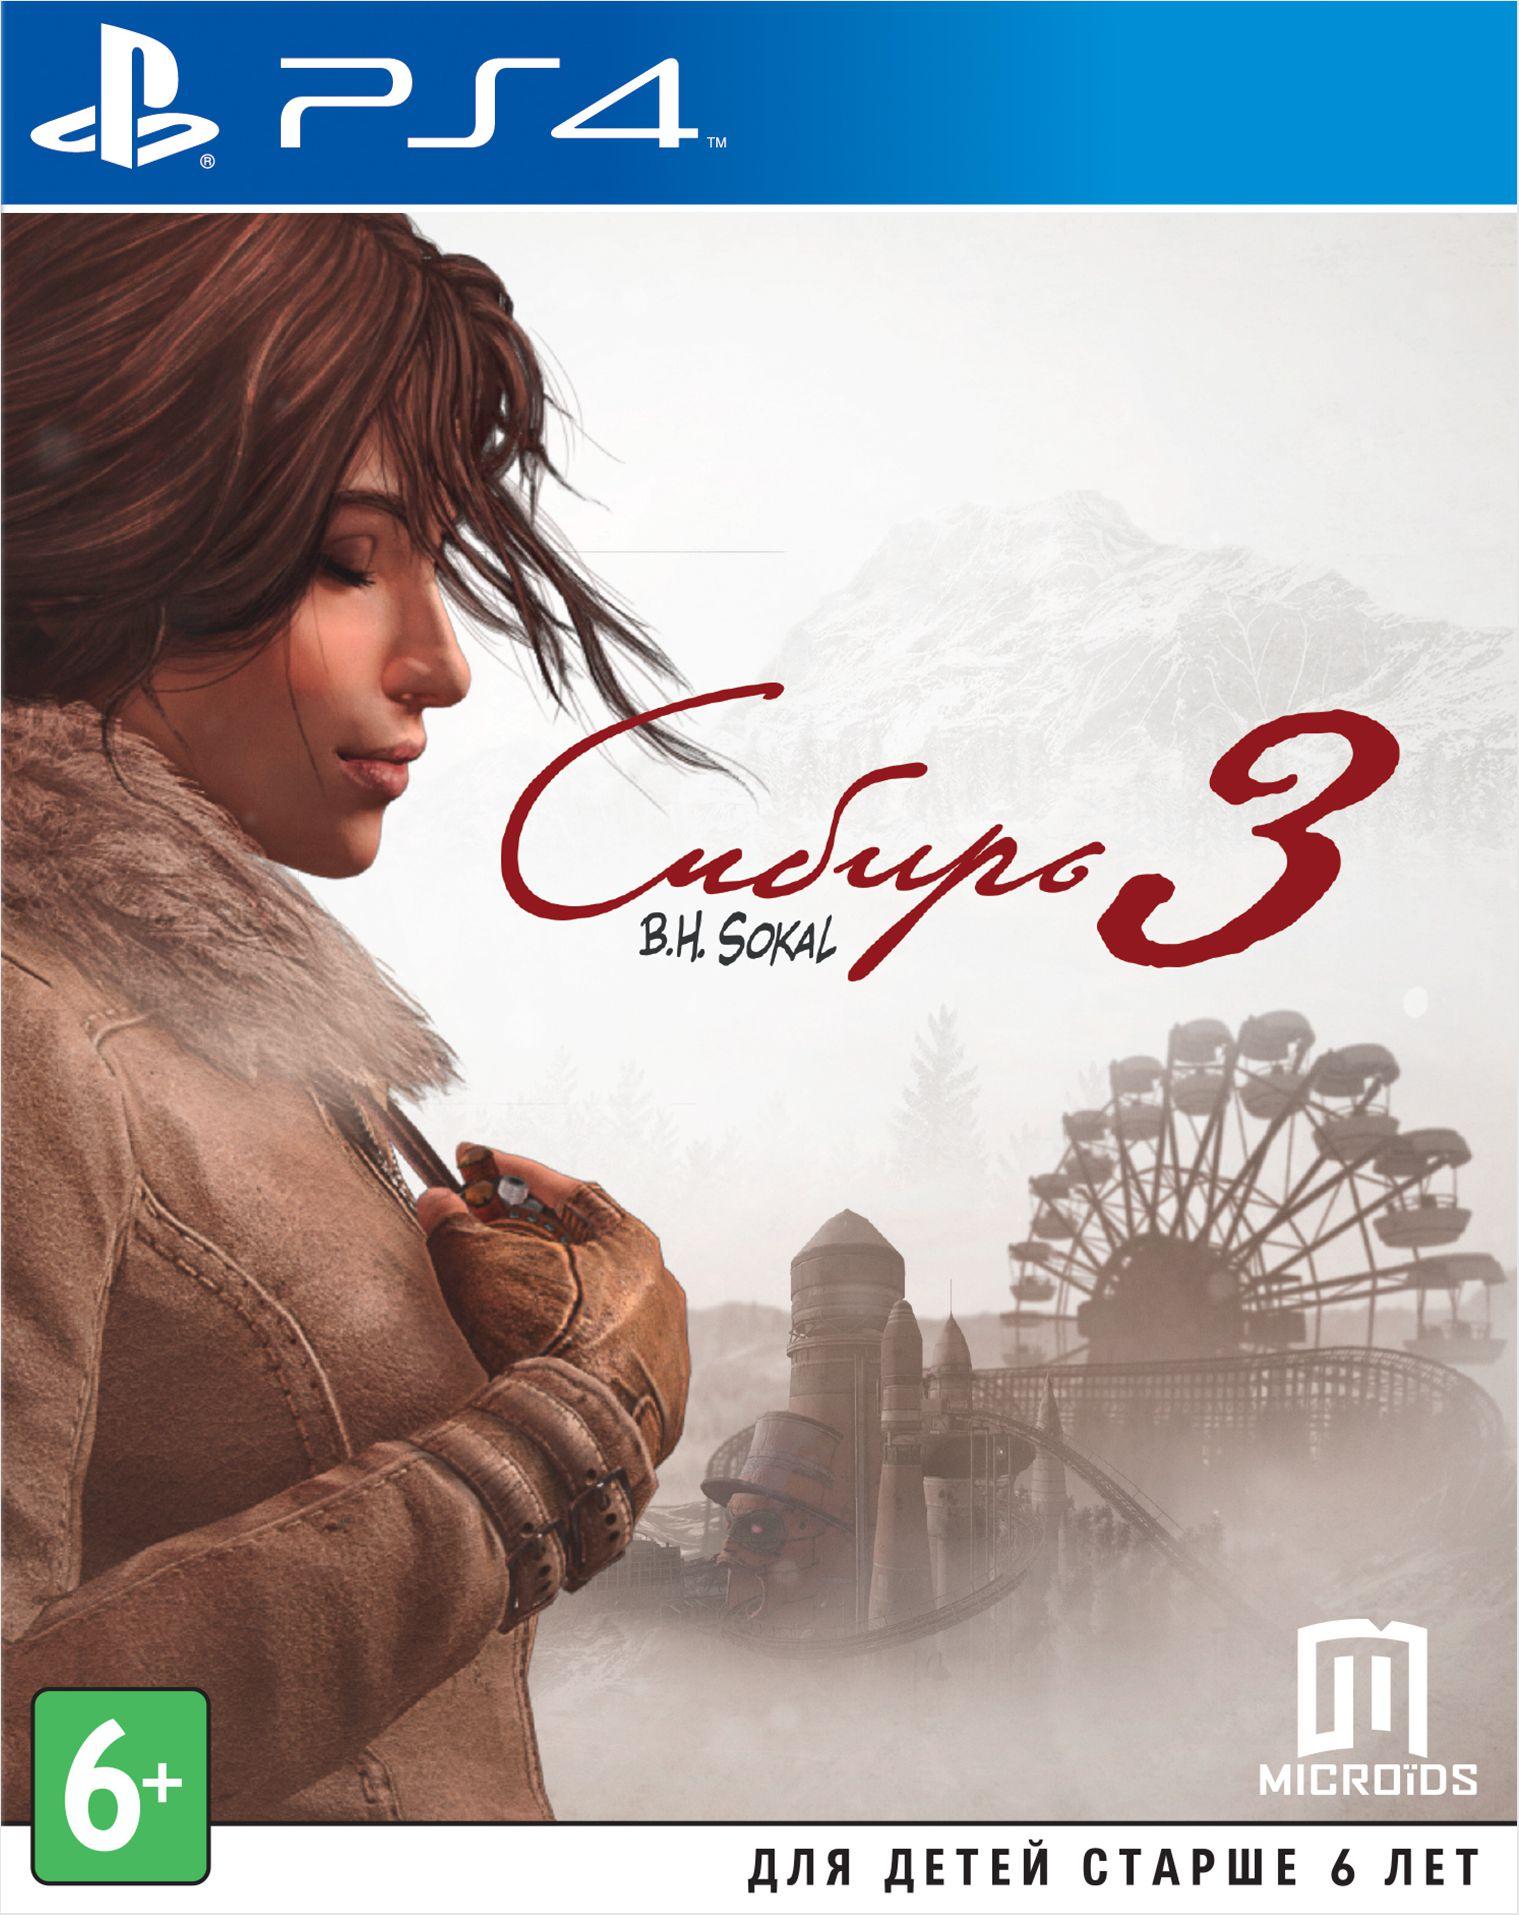 Сибирь3[PS4]Игра Сибирь 3 – совершенно новая история, непохожая на то, что вы могли видеть в первых двух играх серии Сибирь. Вас ждут захватывающее повествование и неповторимый художественный стиль Бенуа Сокаля.<br>